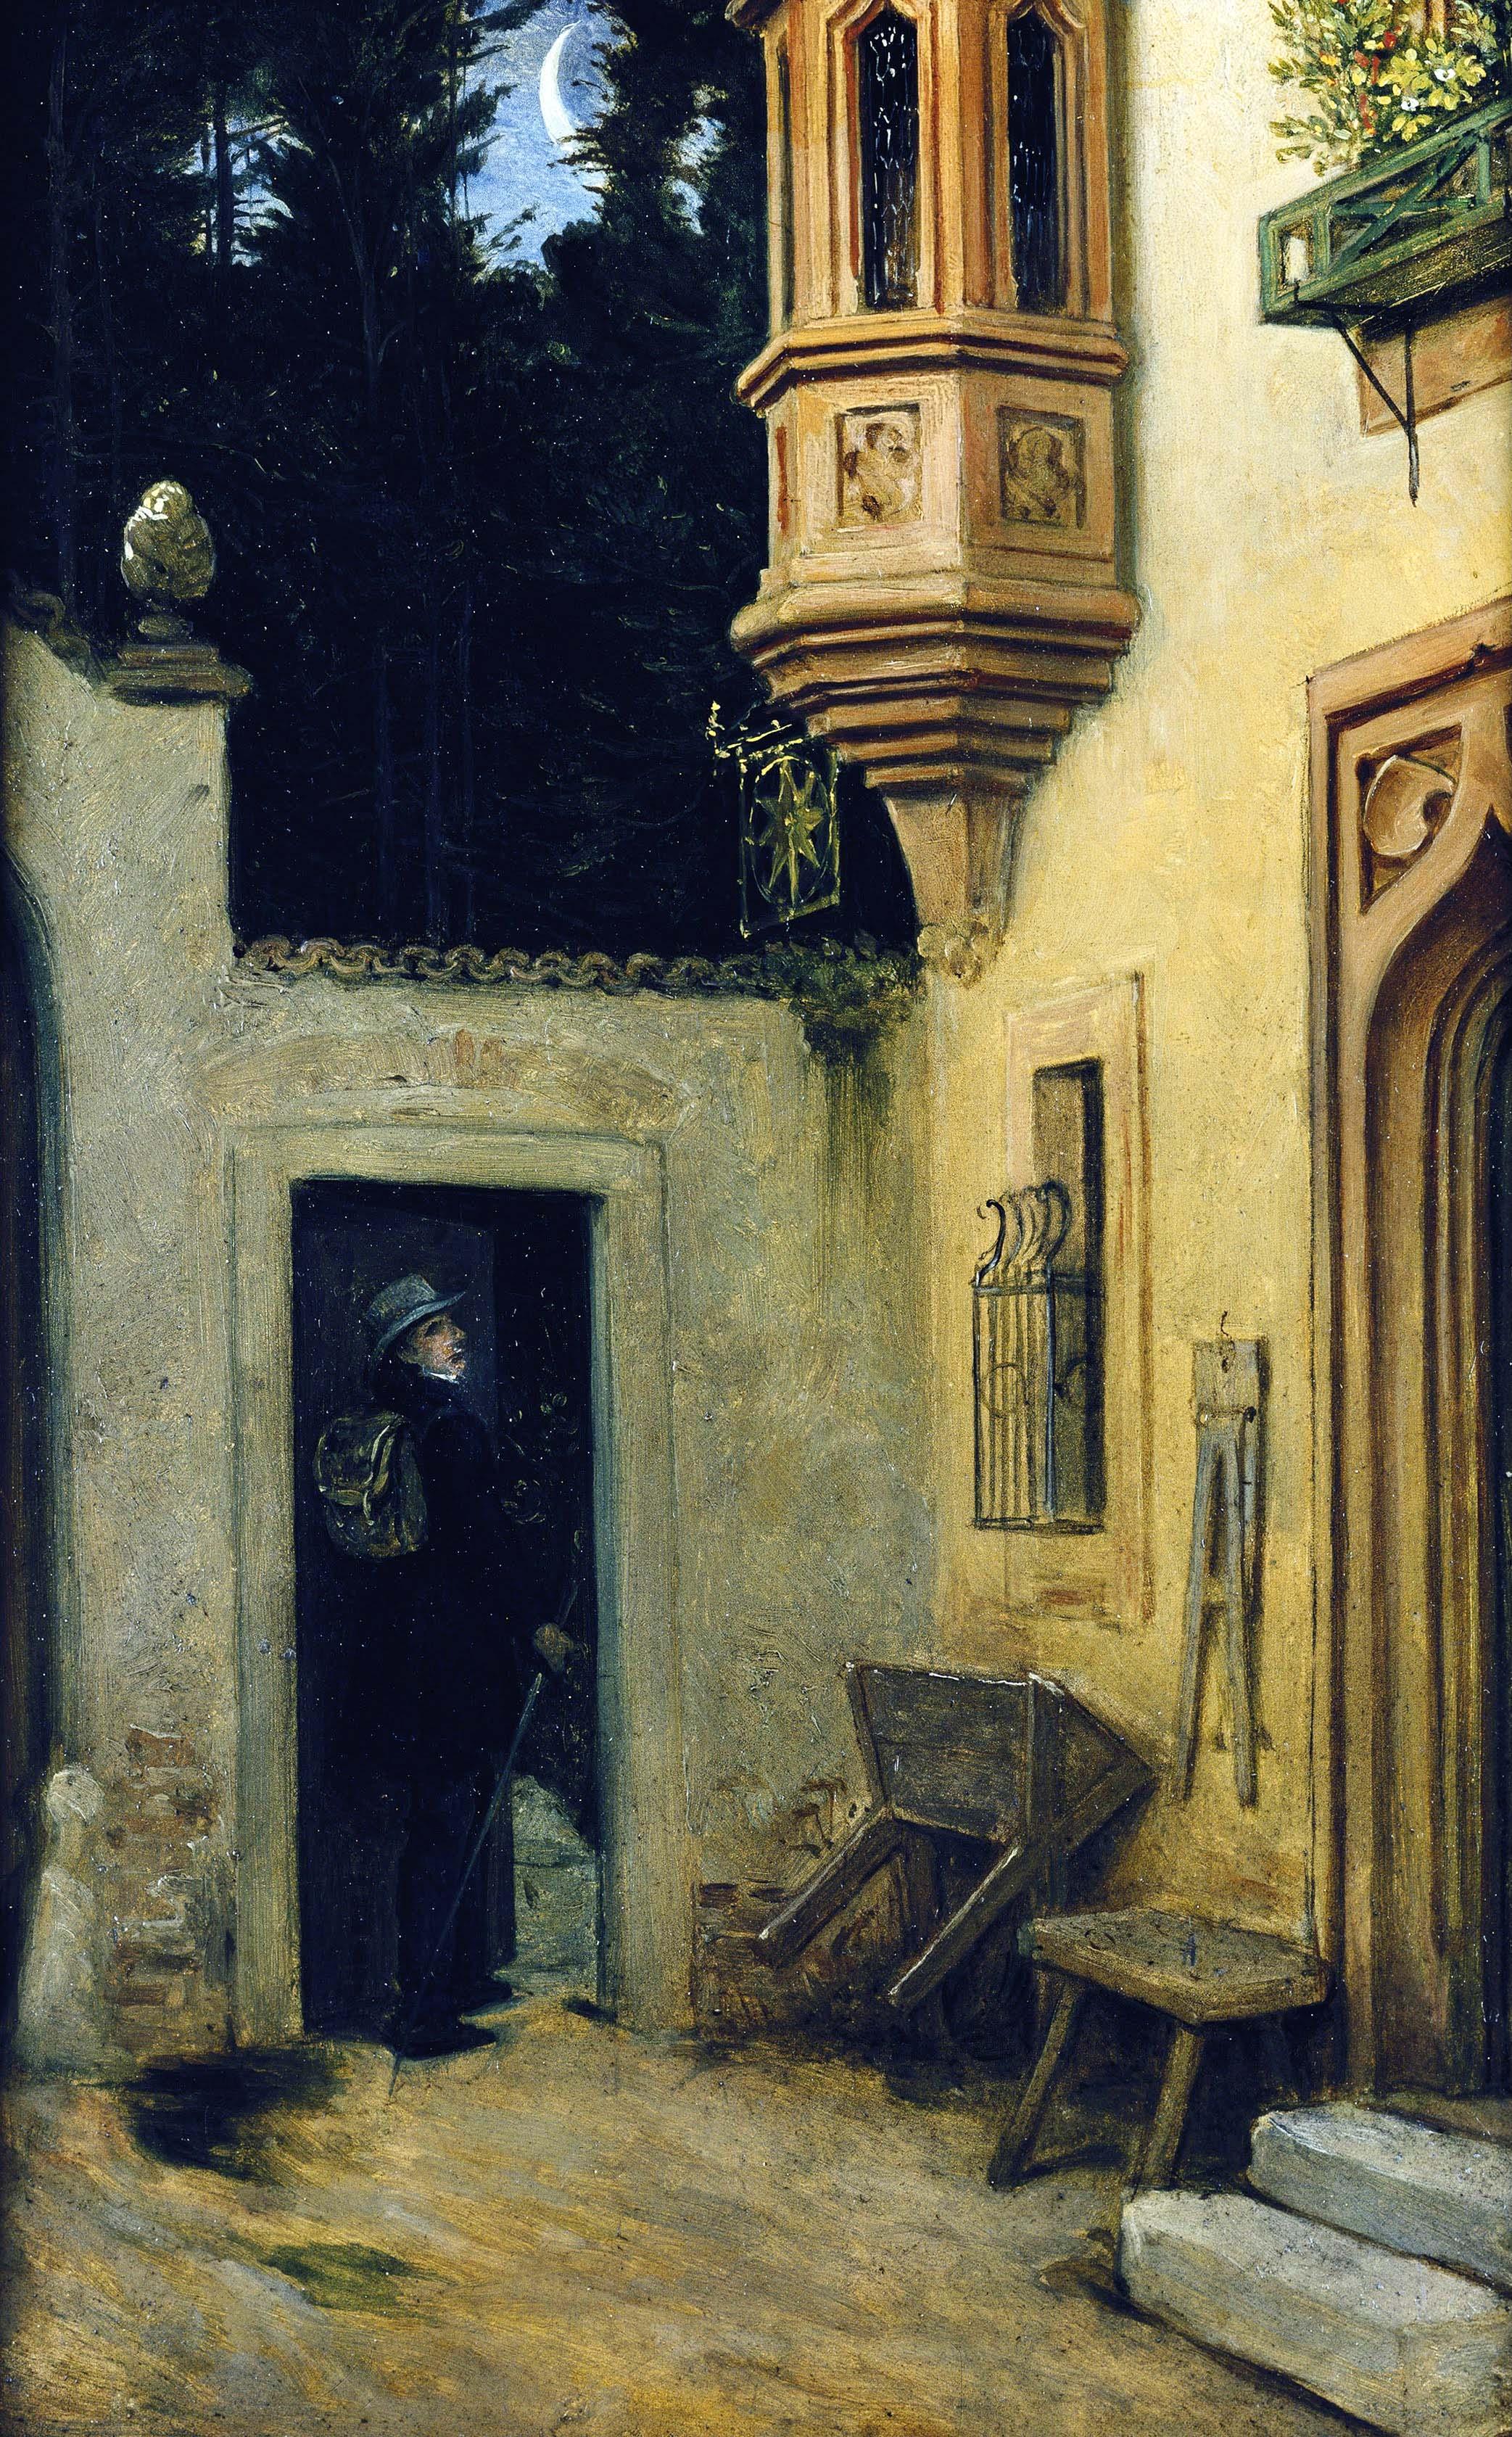 Moritz von Schwind, Abschied im Morgengrauen, 1859